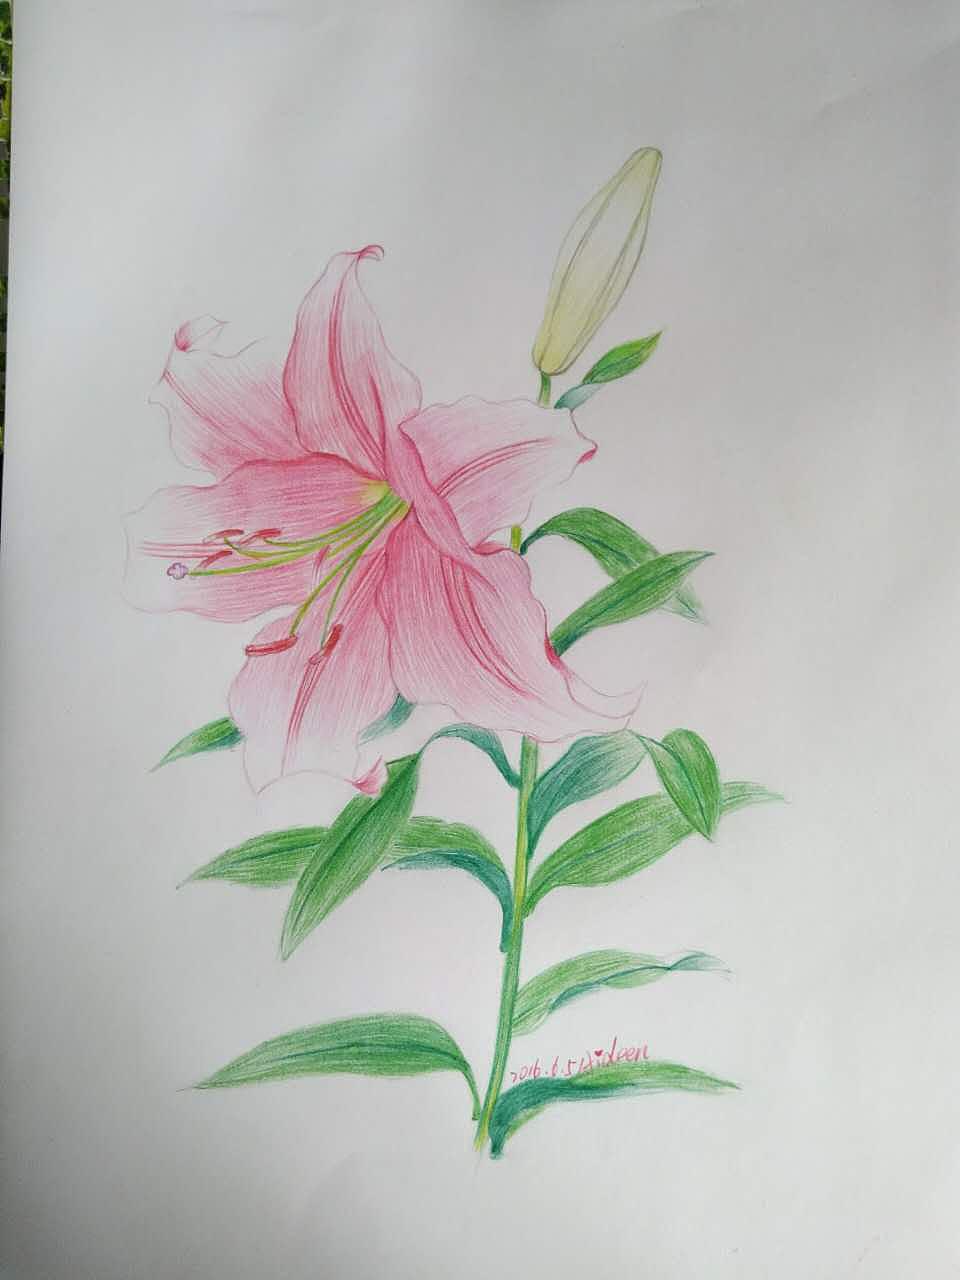 彩铅,手绘彩铅,百合花